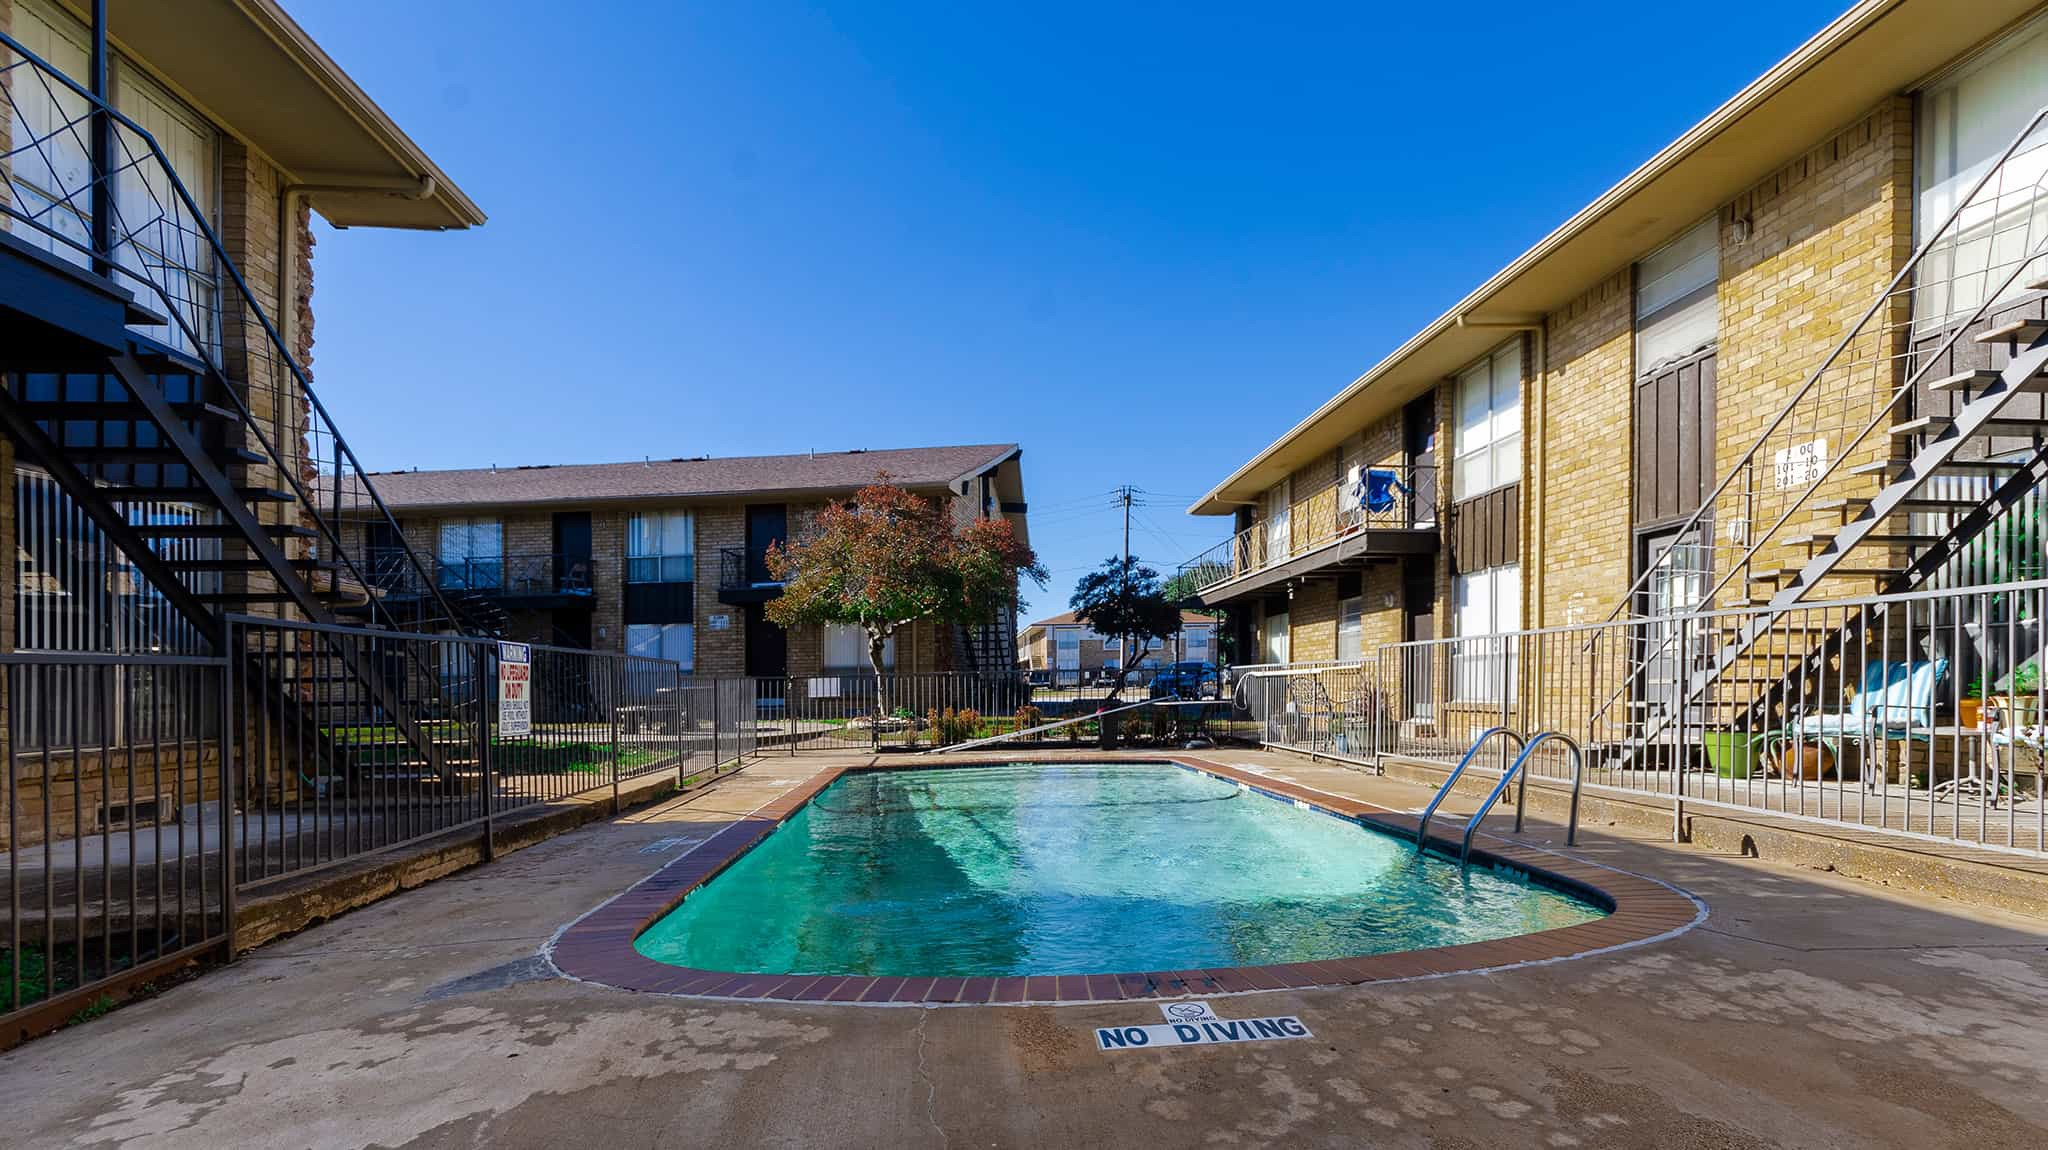 Dell Marr Apartments